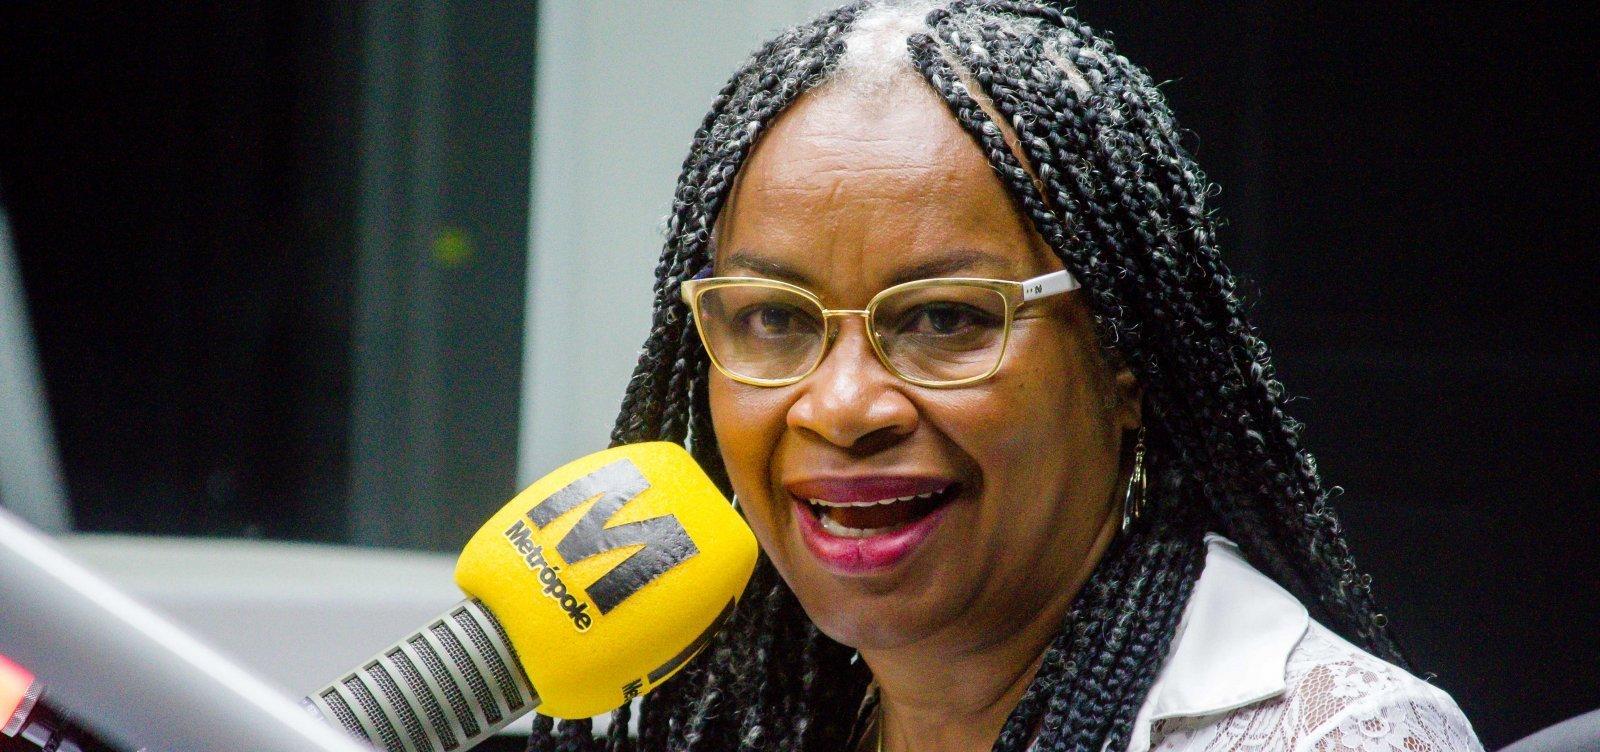 'Pior resultado que o racismo é capaz de produzir', diz Olívia Santana sobre presidente da Fundação Palmares